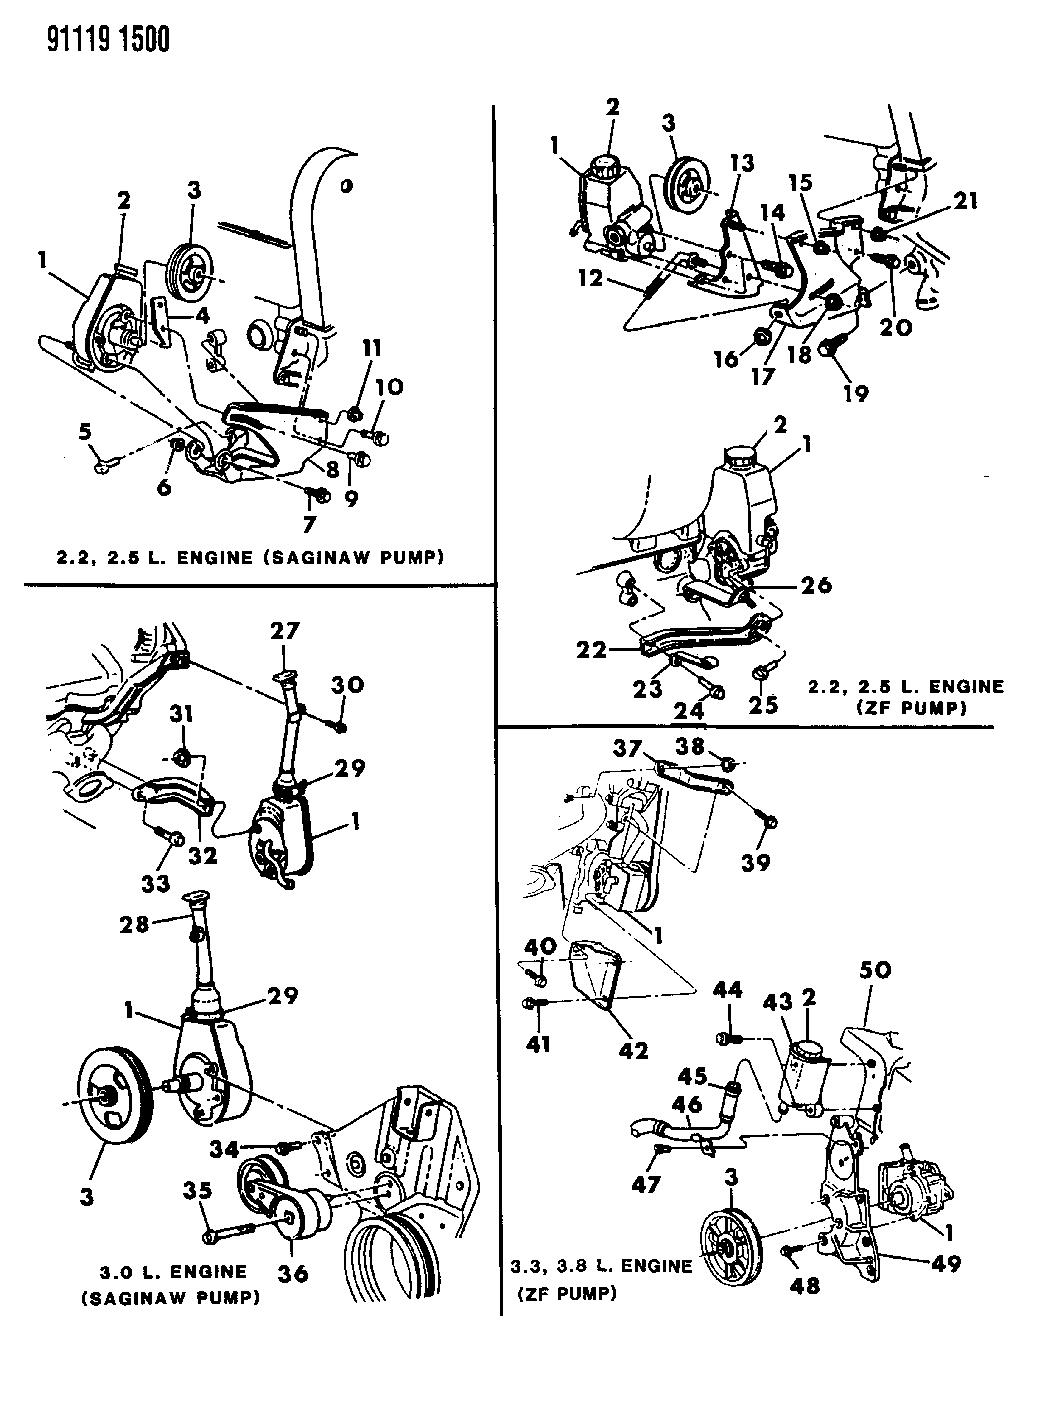 4333377 - Genuine Mopar POWER STEERING PUMP SEAL KIT